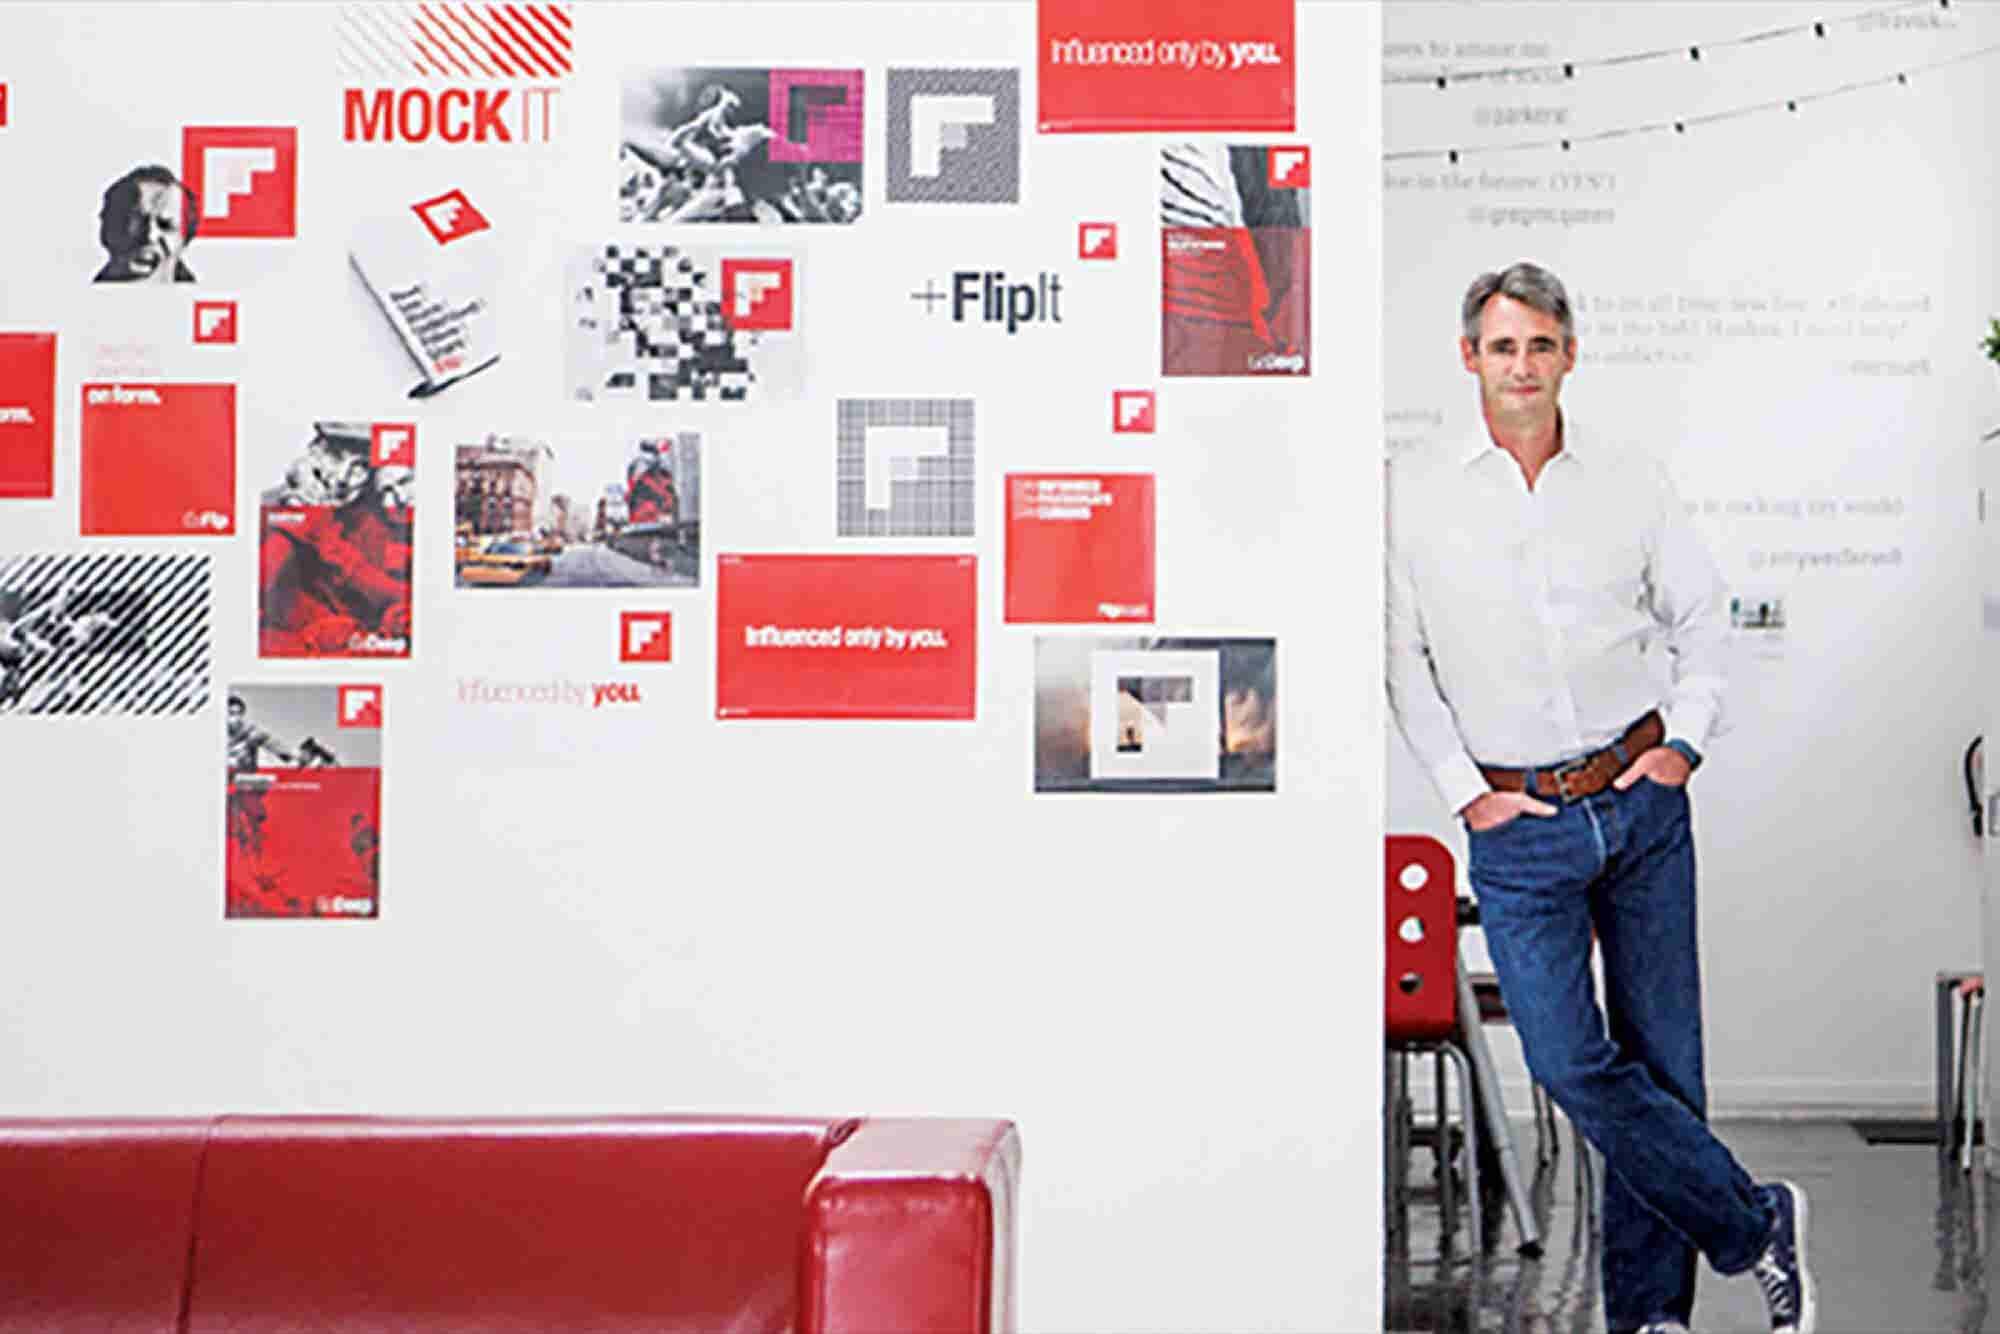 Flipboard: La nueva era de revistas 2.0